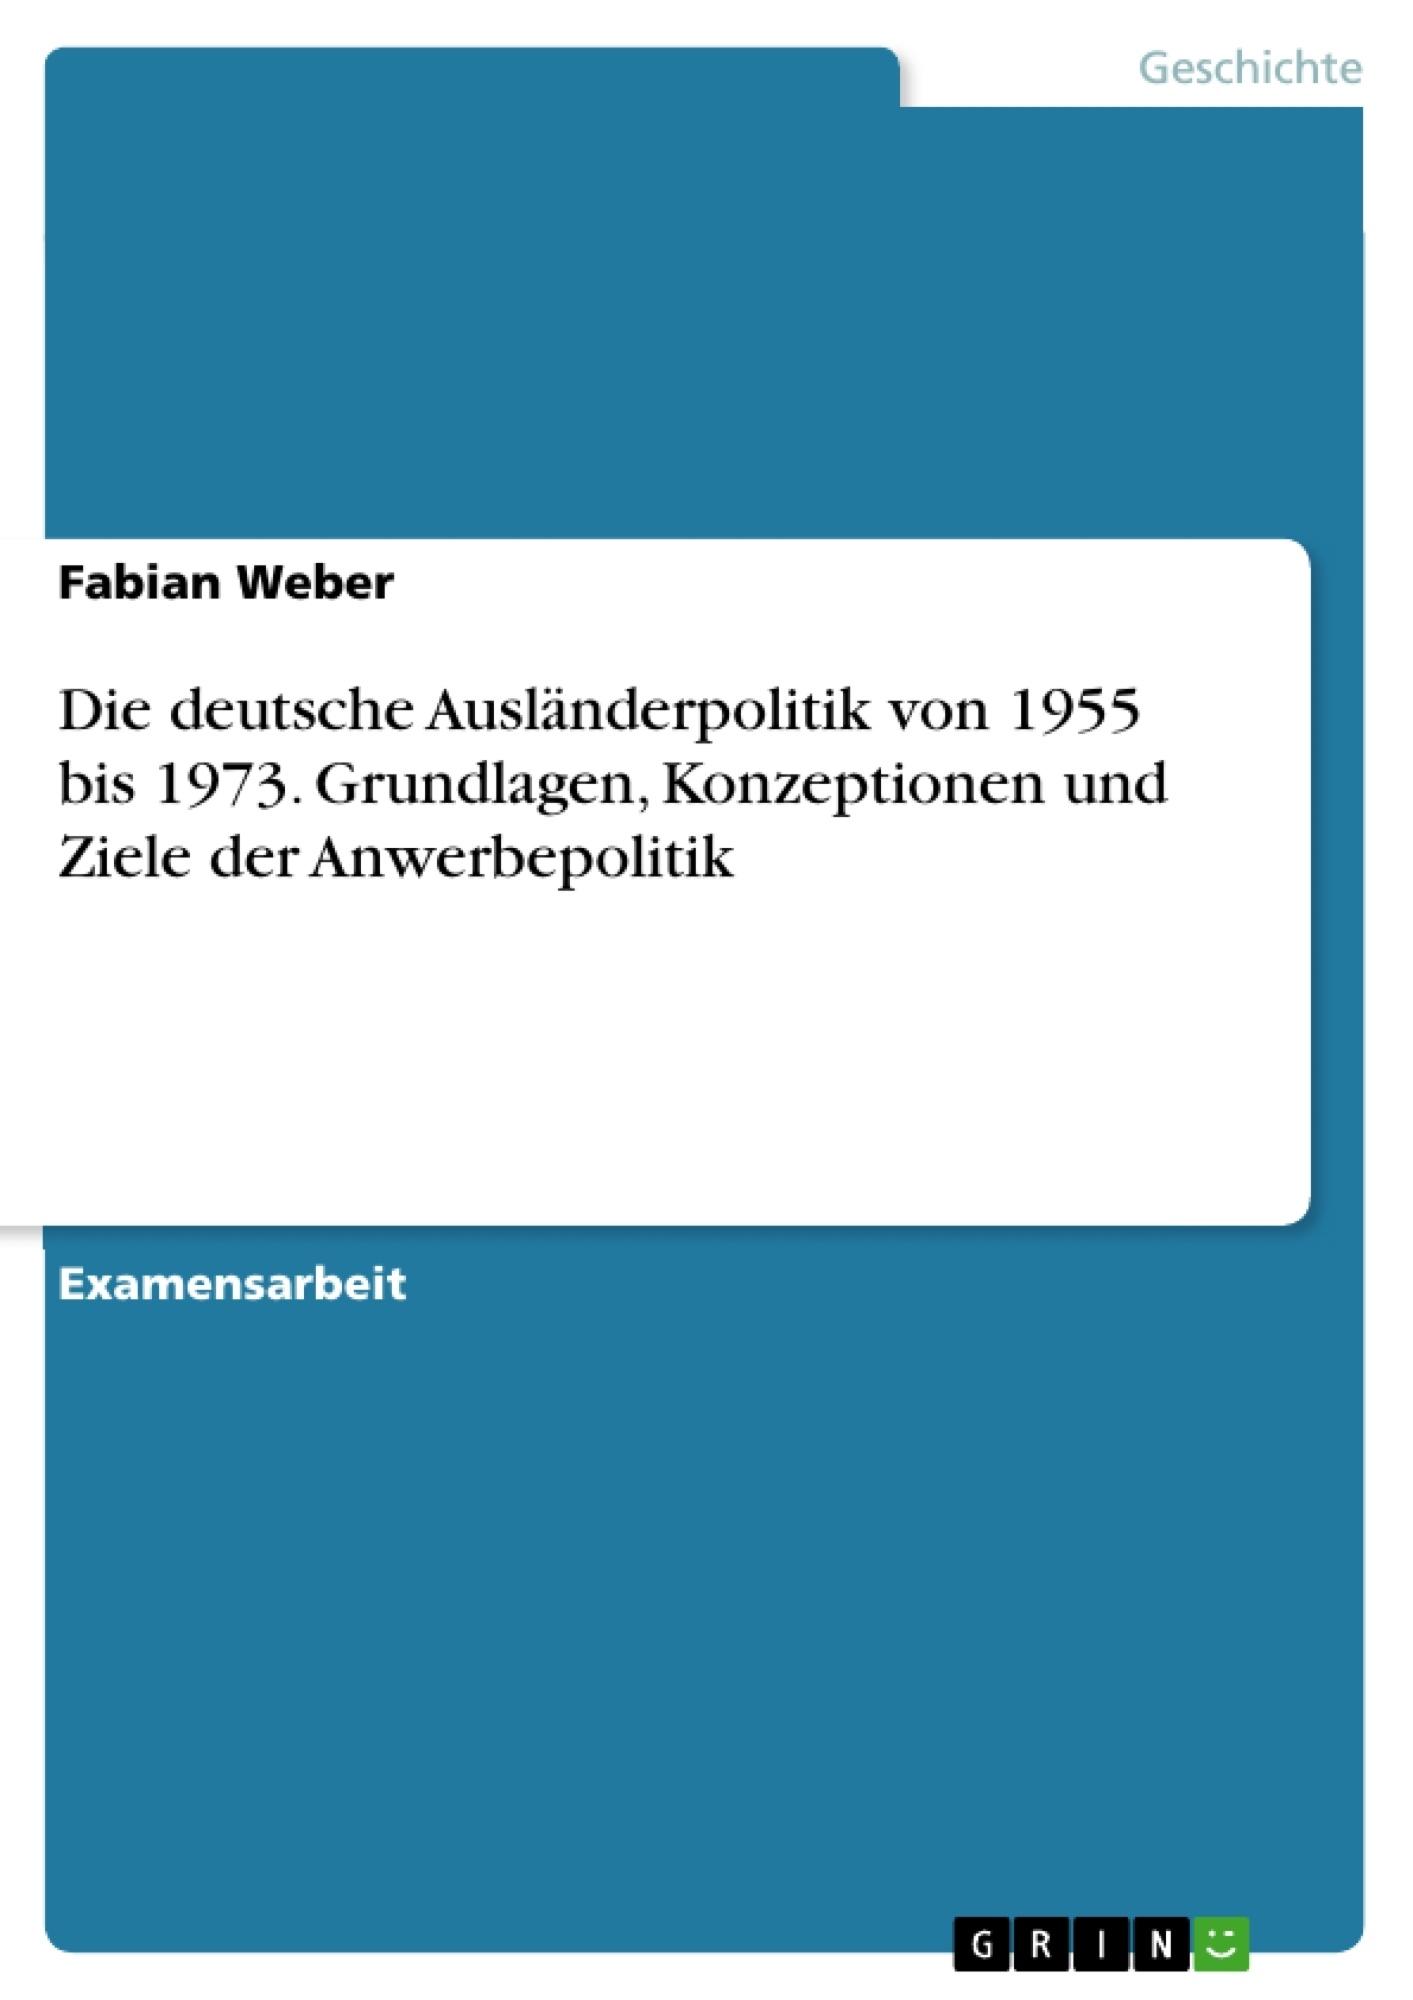 Titel: Die deutsche Ausländerpolitik von 1955 bis 1973. Grundlagen, Konzeptionen und Ziele der Anwerbepolitik